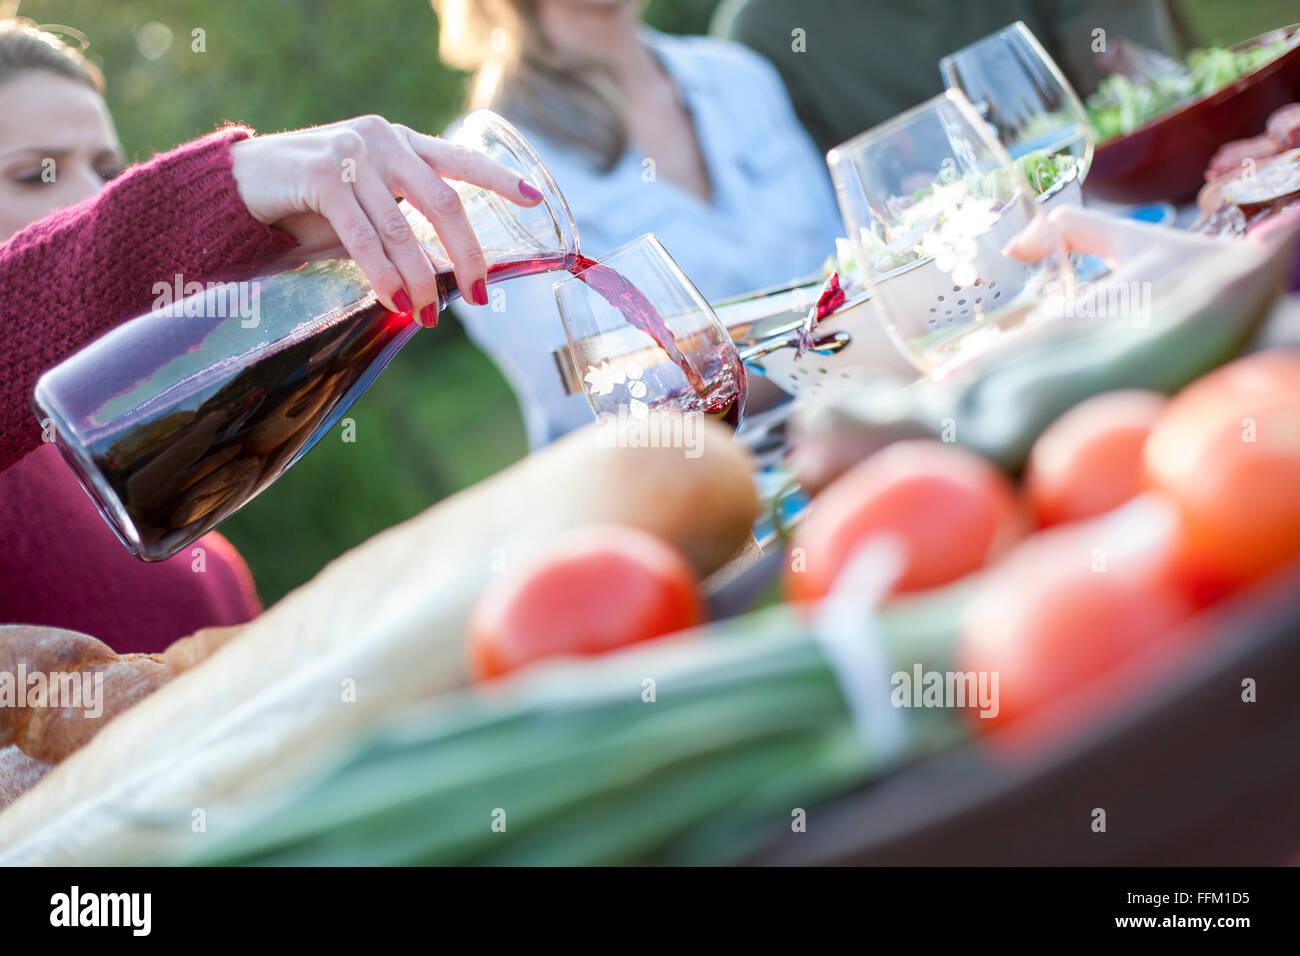 Verter en el vaso de vino tinto en el garden party Imagen De Stock